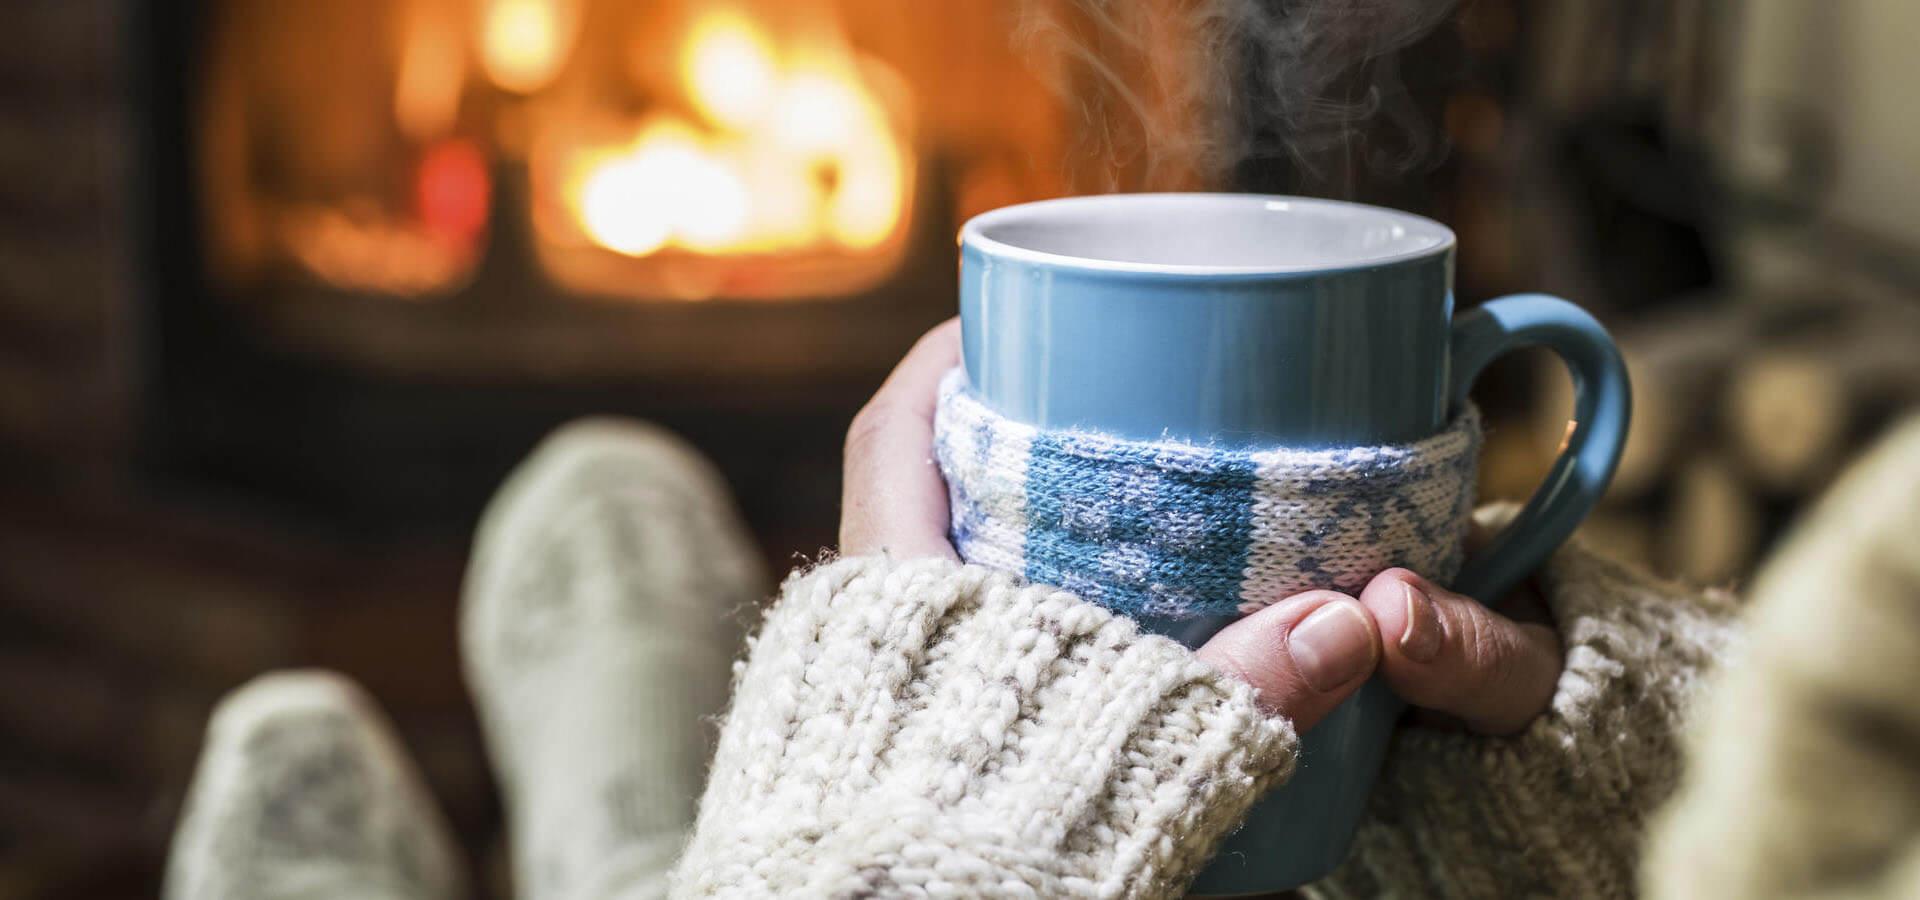 Frau vor Kamin mit warmen Tee und dicken Socken, um kalte Hände und Füße zu wärmen